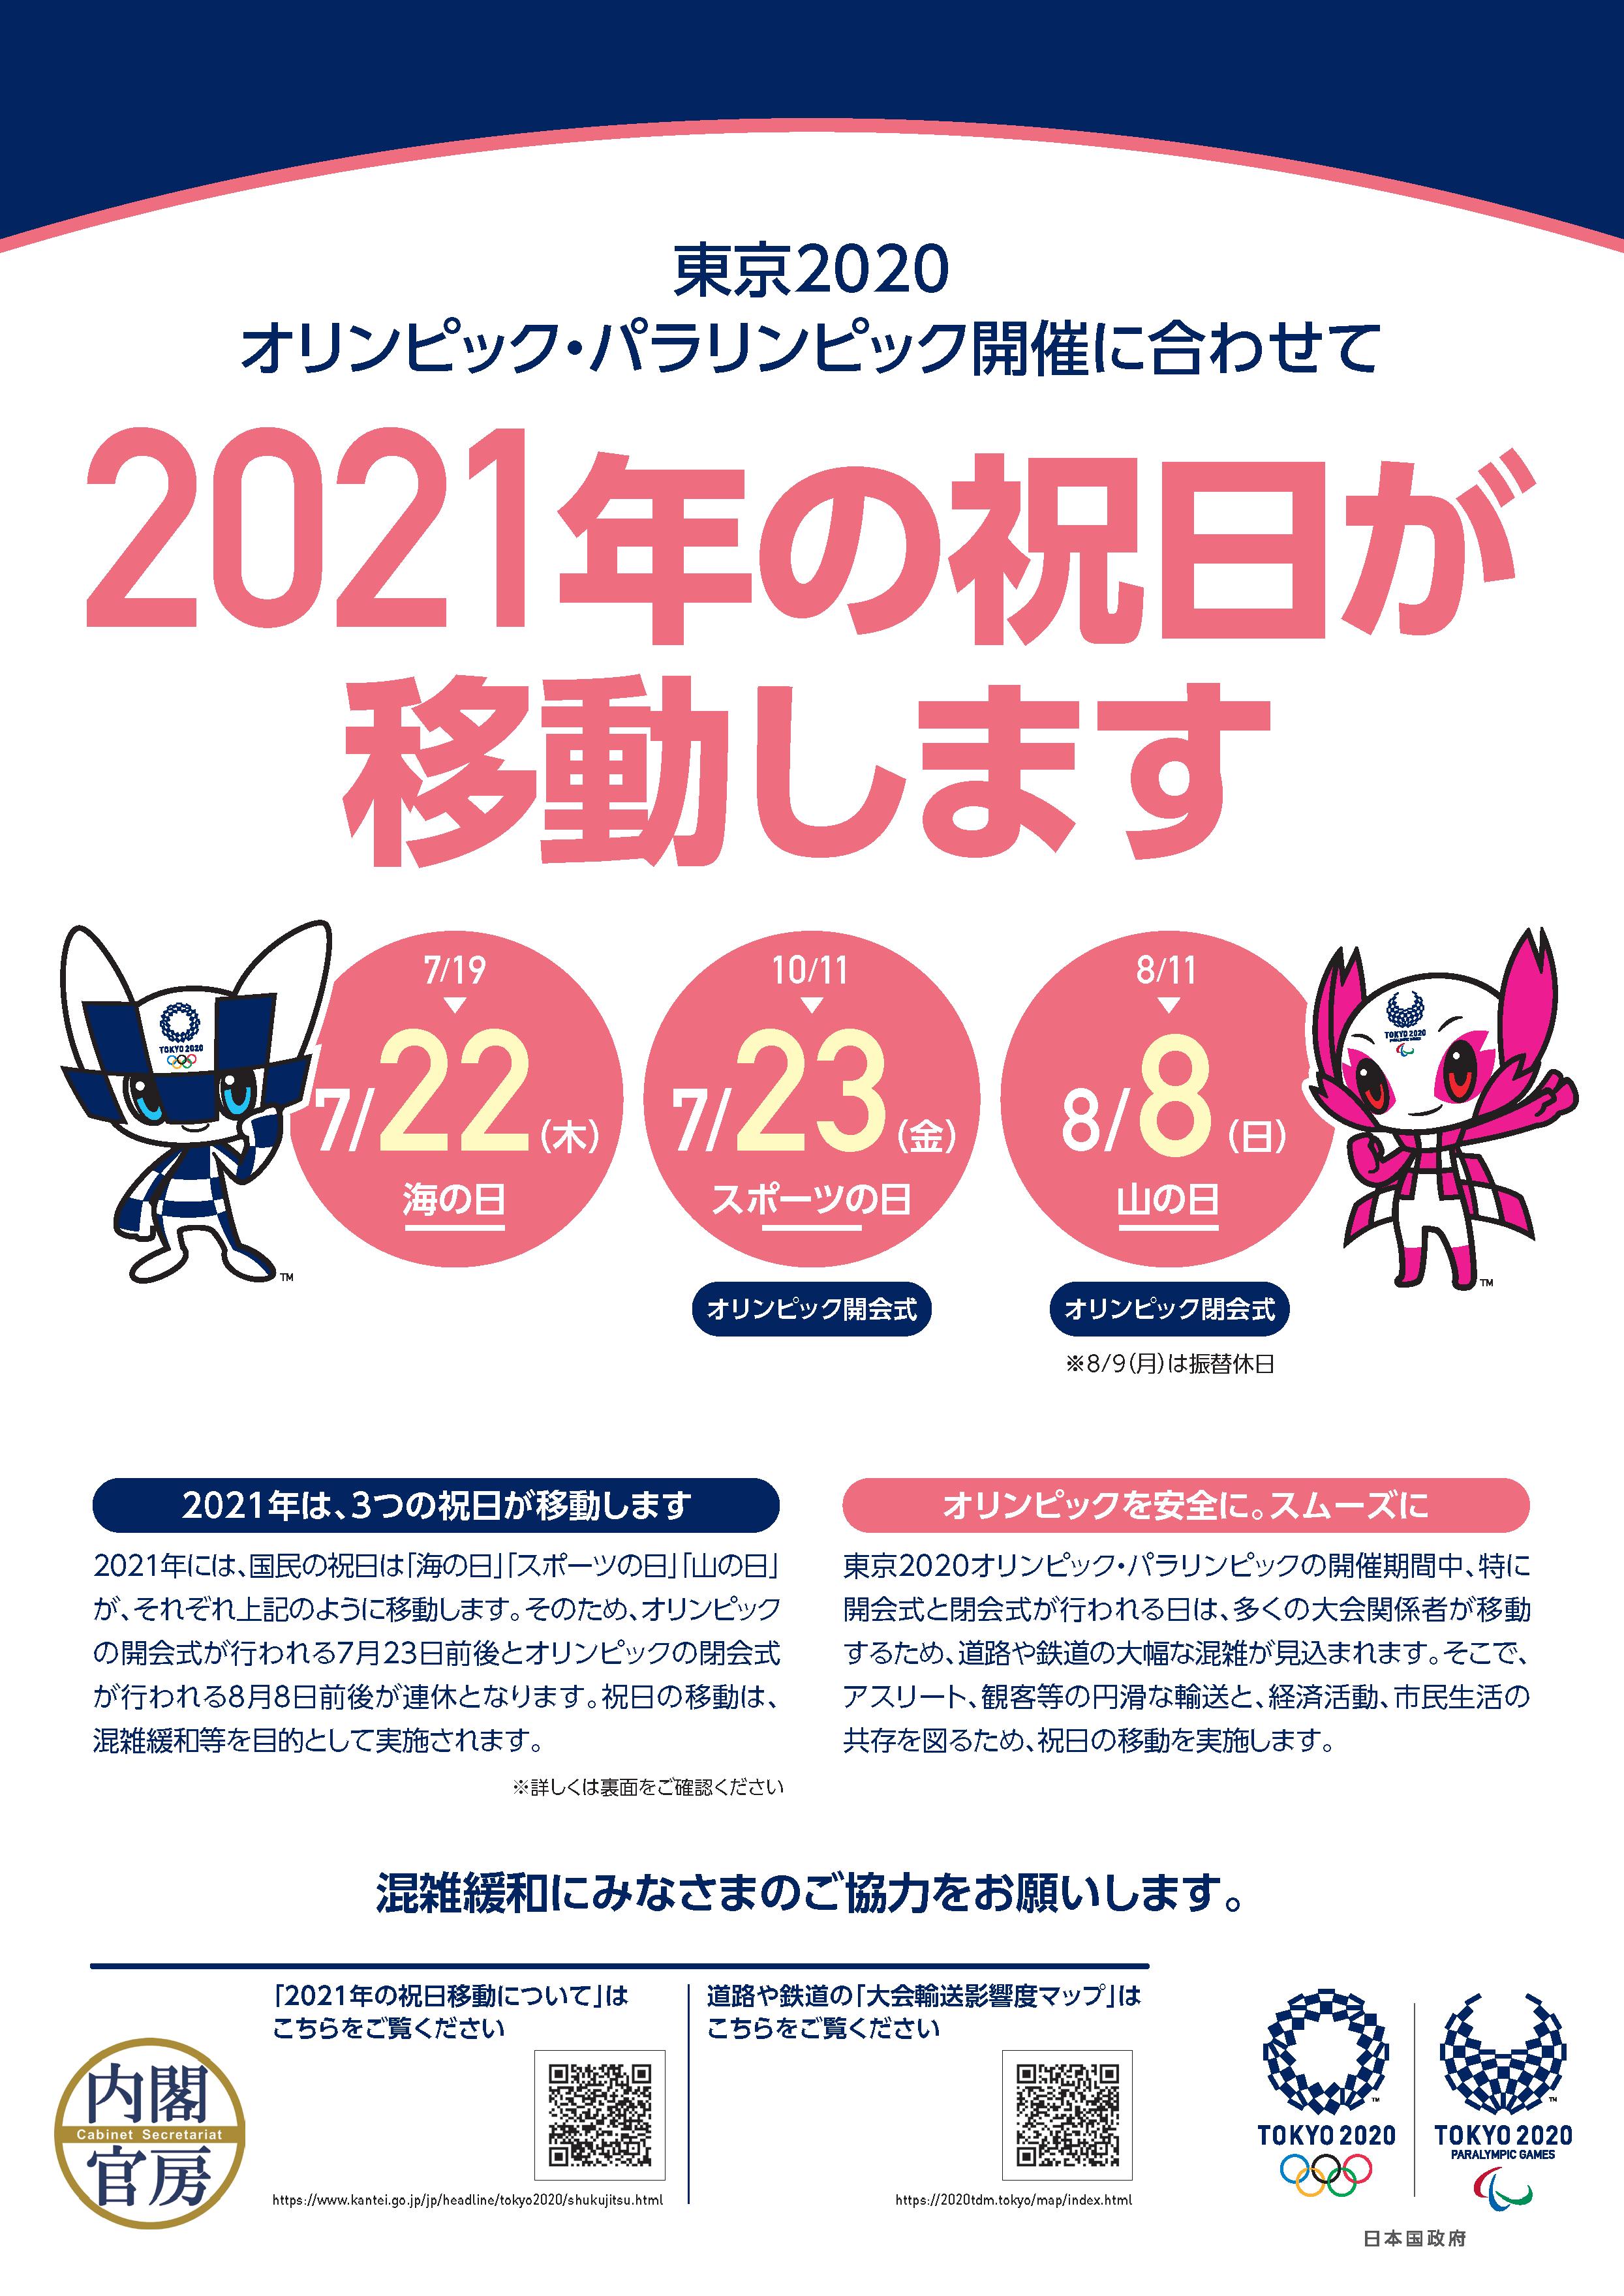 2021年の祝日移動について | 首相官邸ホームページ